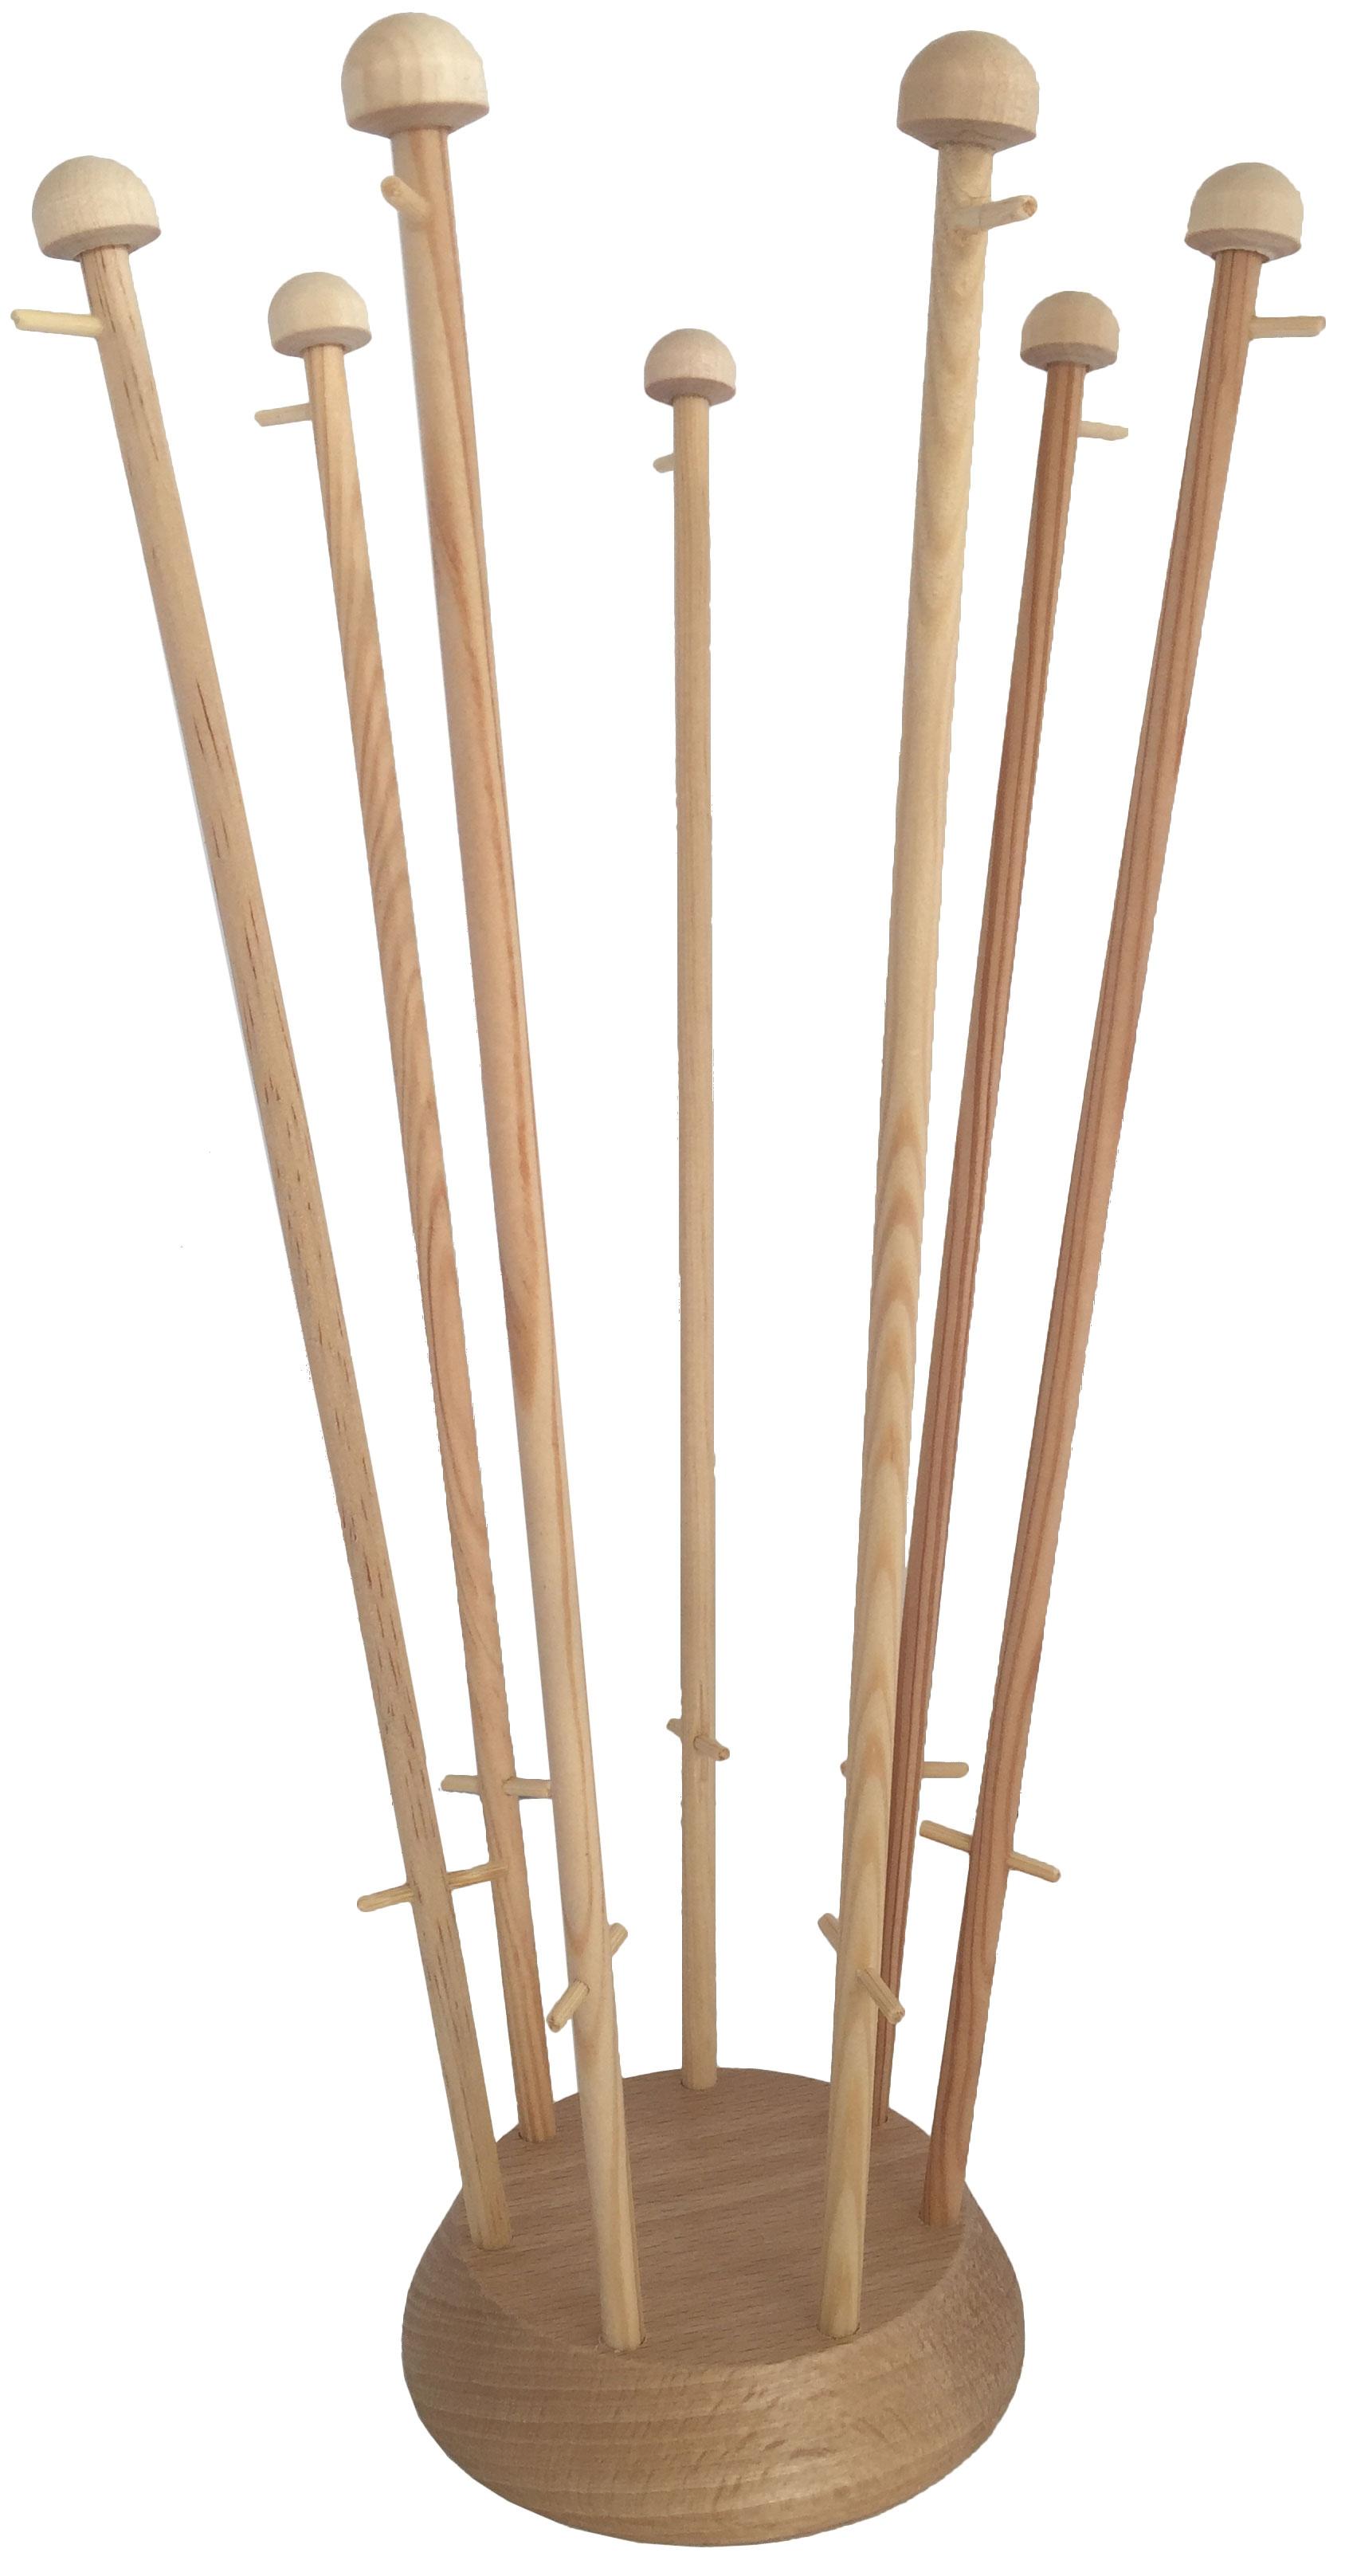 Houten tafelstandaard voor zeven tafelvlaggen met gat in midden met mastjes van voren